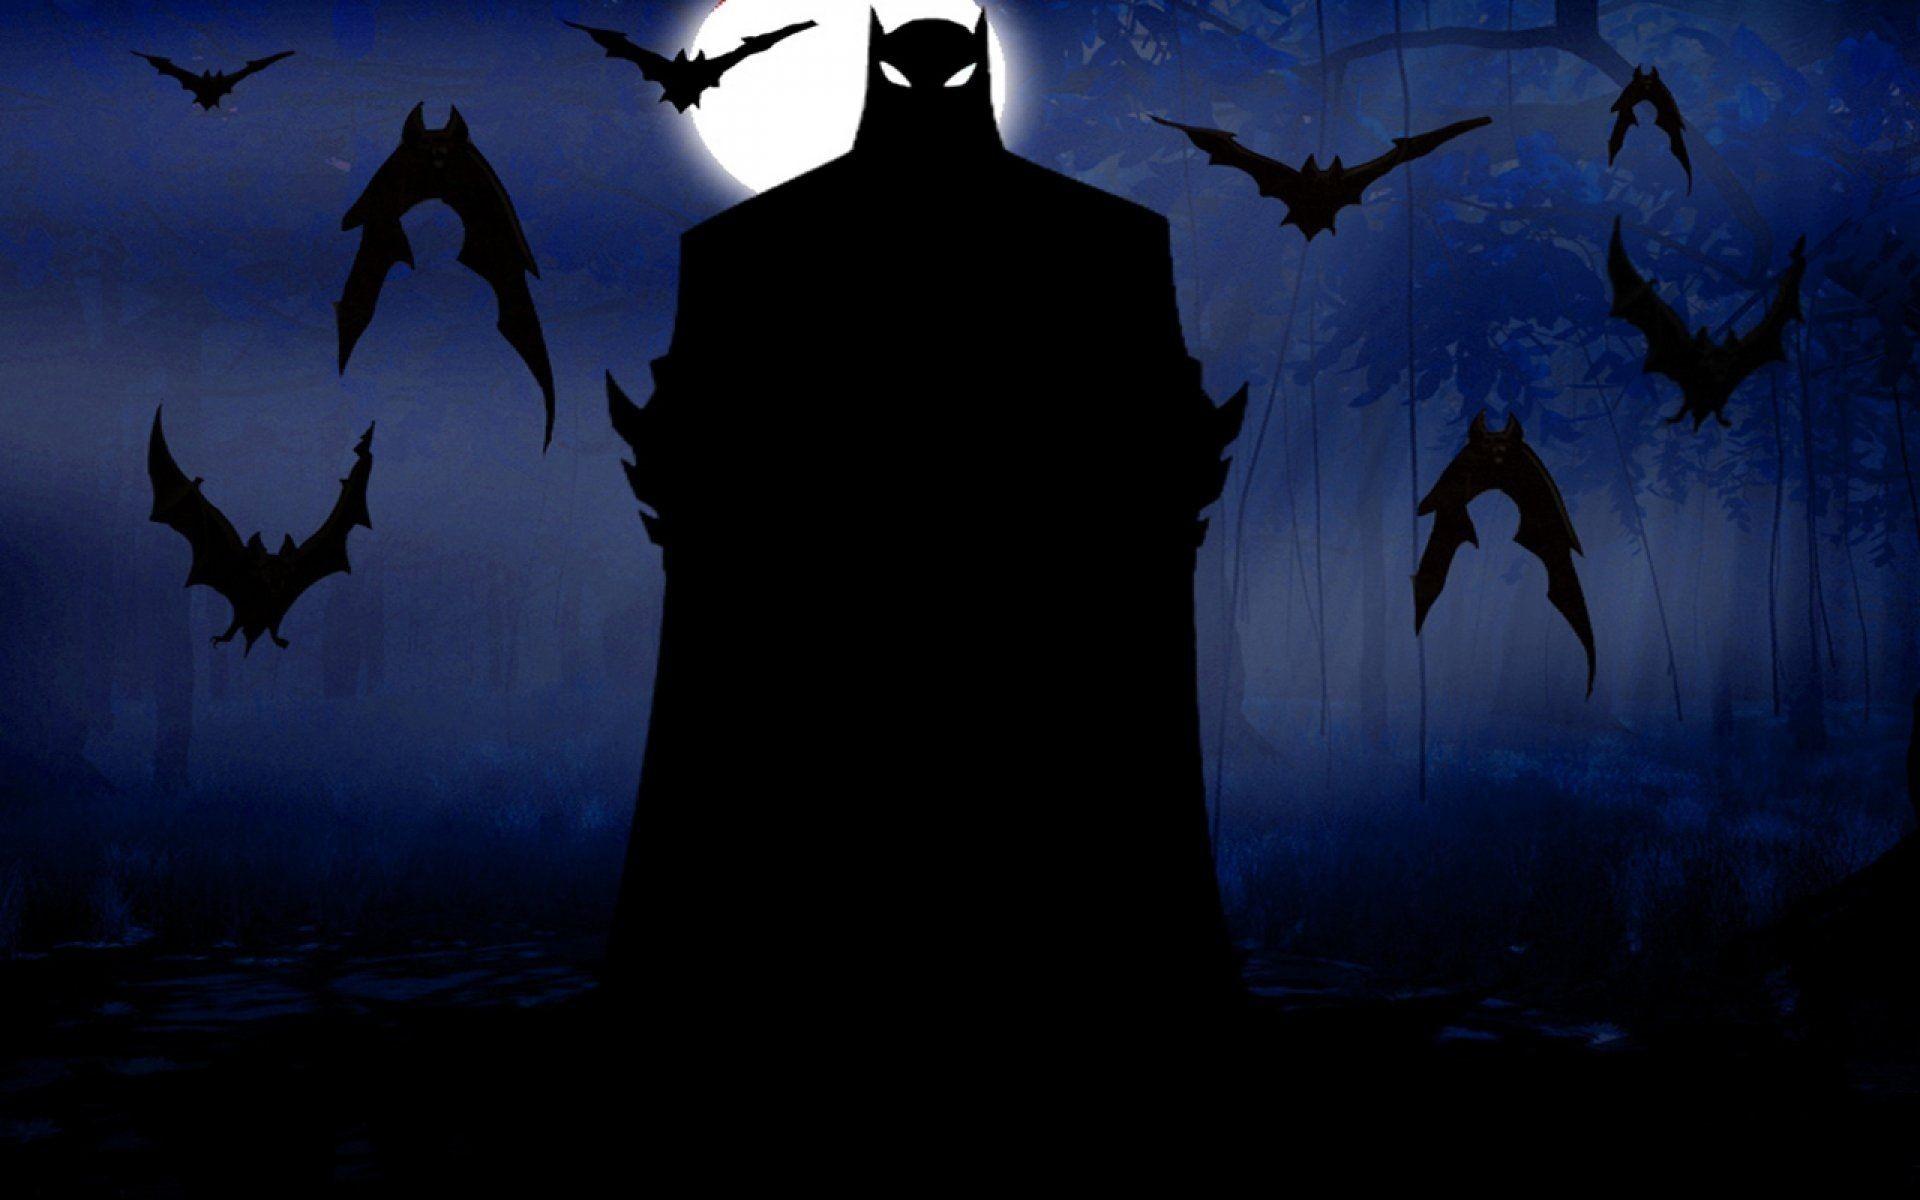 Res: 1920x1200, Top Batman Wallpaper Collection 1440×900 Batman animated wallpapers (39  Wallpapers) | Adorable Wallpapers